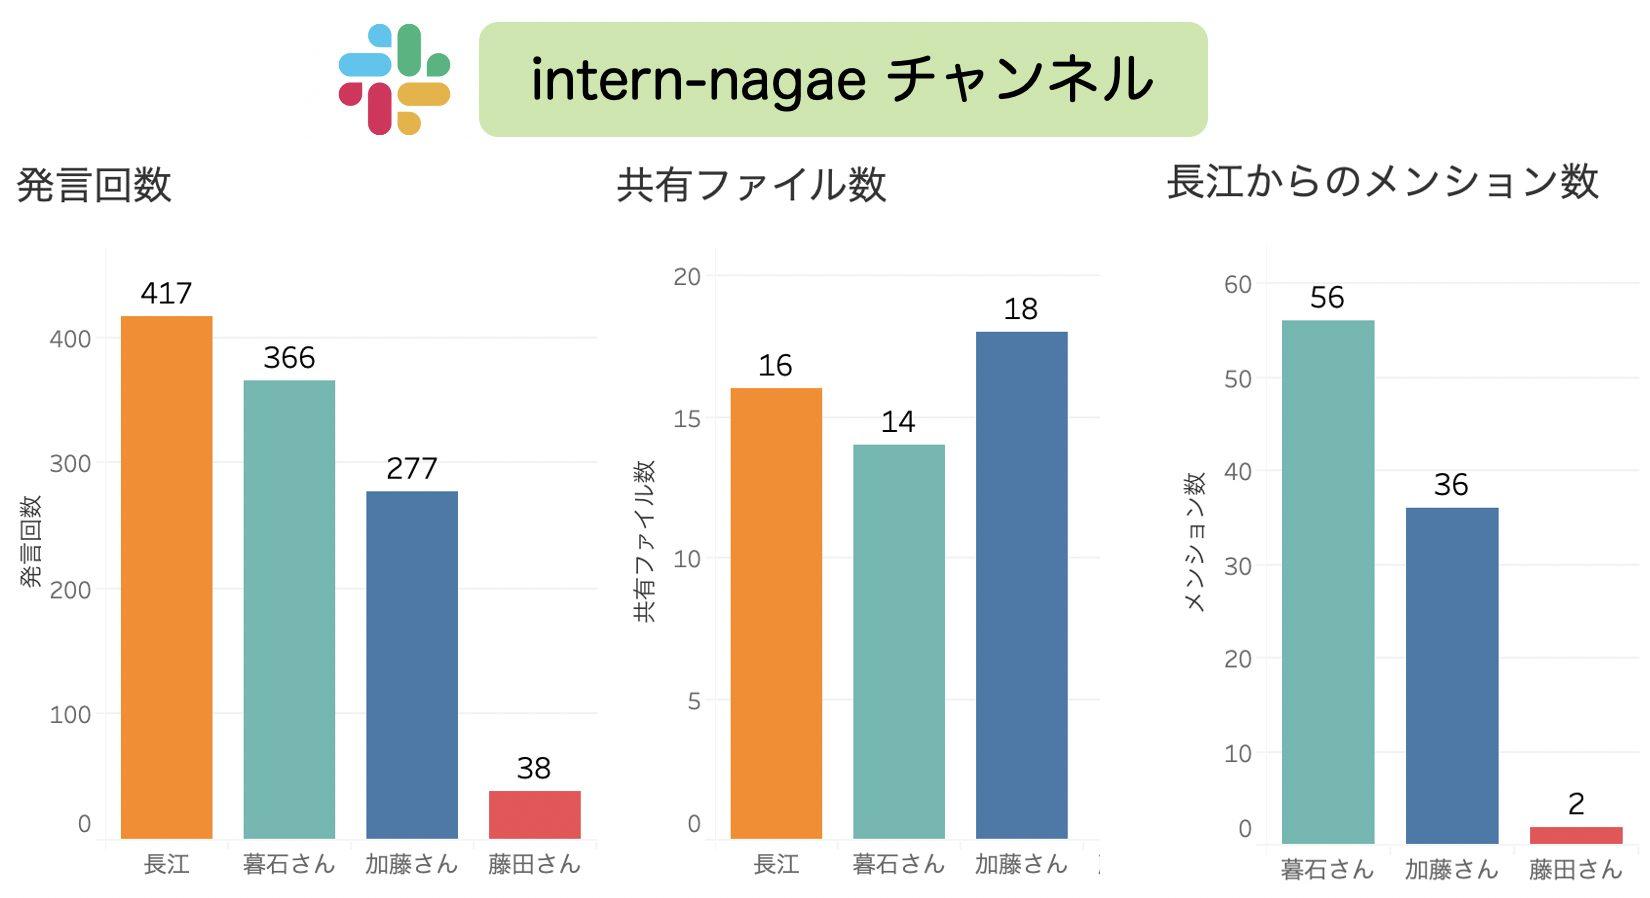 メンターと自分のチャンネルであるintern-nagaeの2ヶ月間の状況をまとめたグラフ